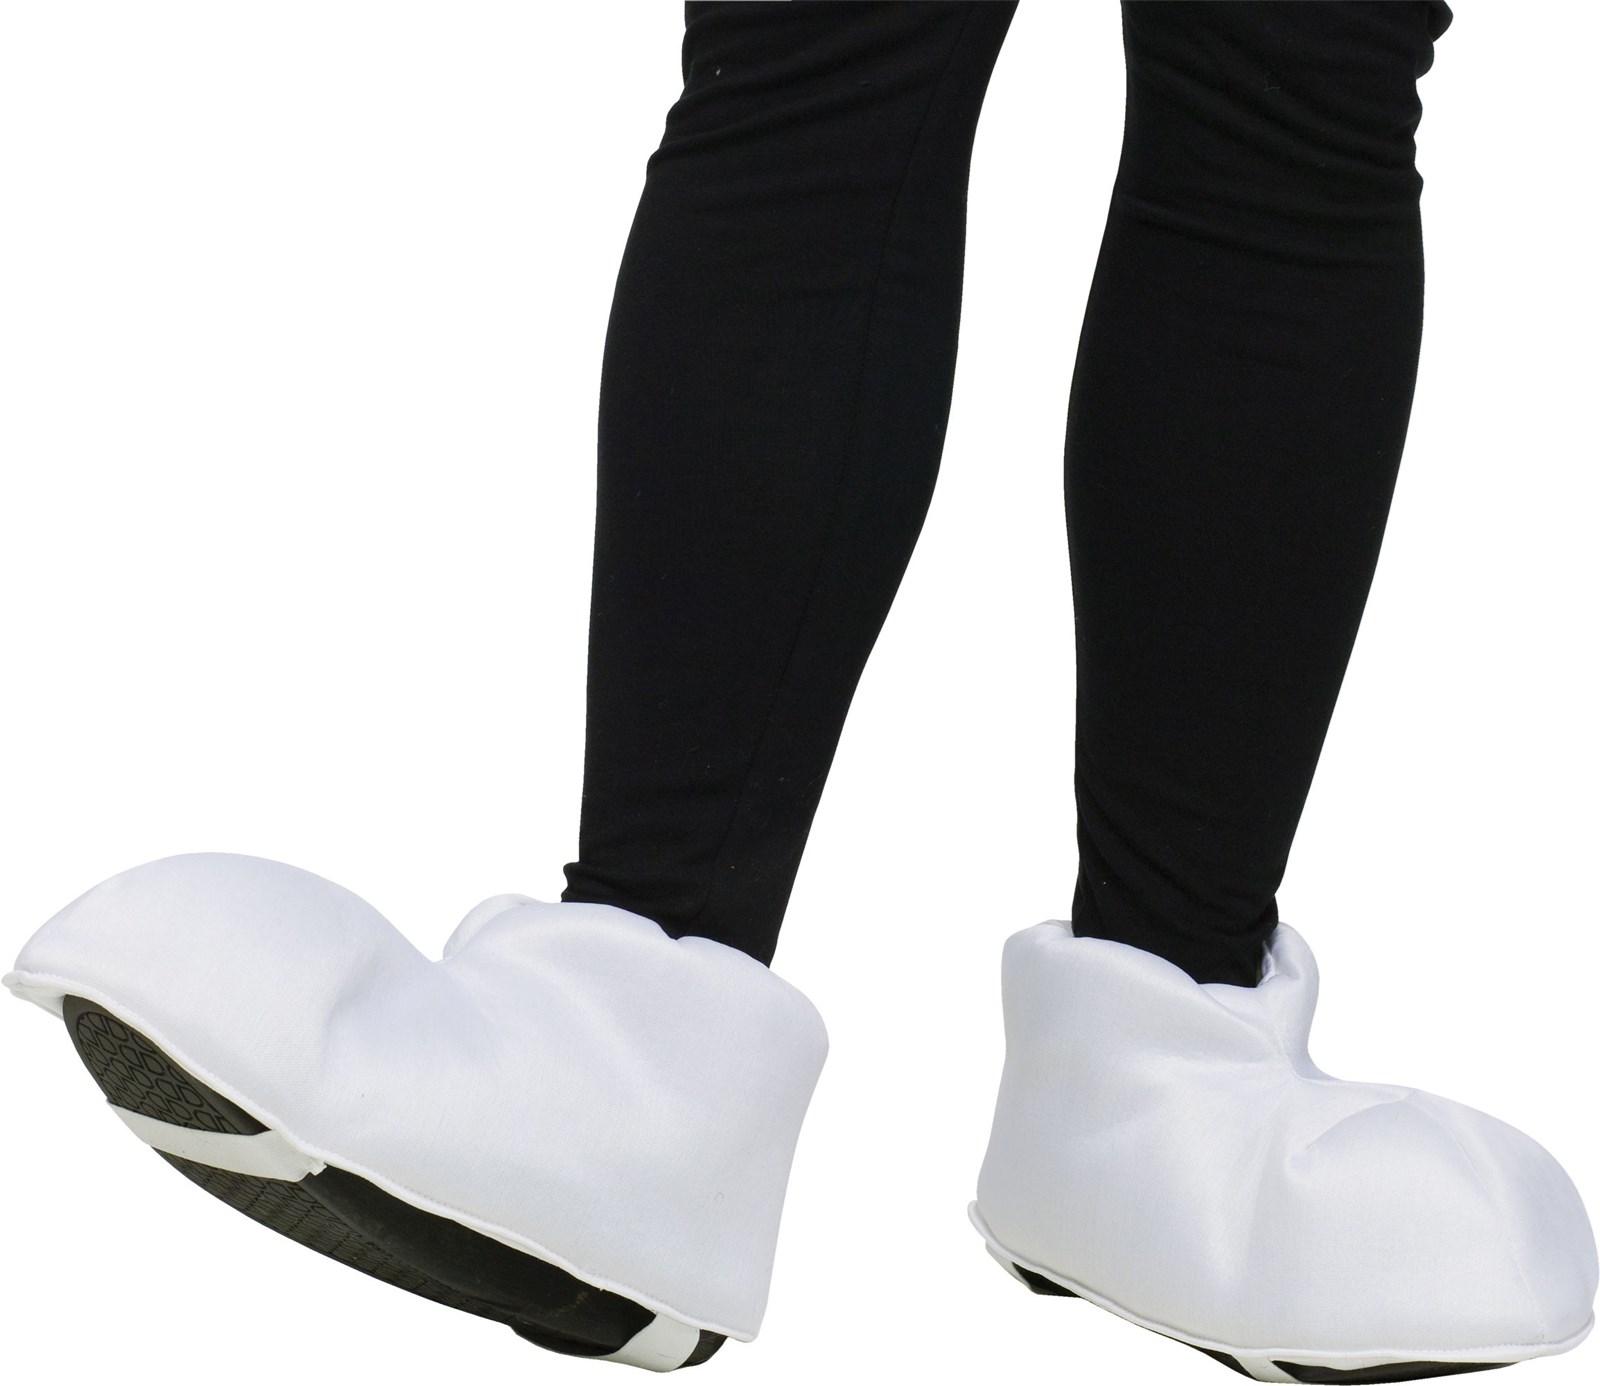 Cartoon Feet For Adult